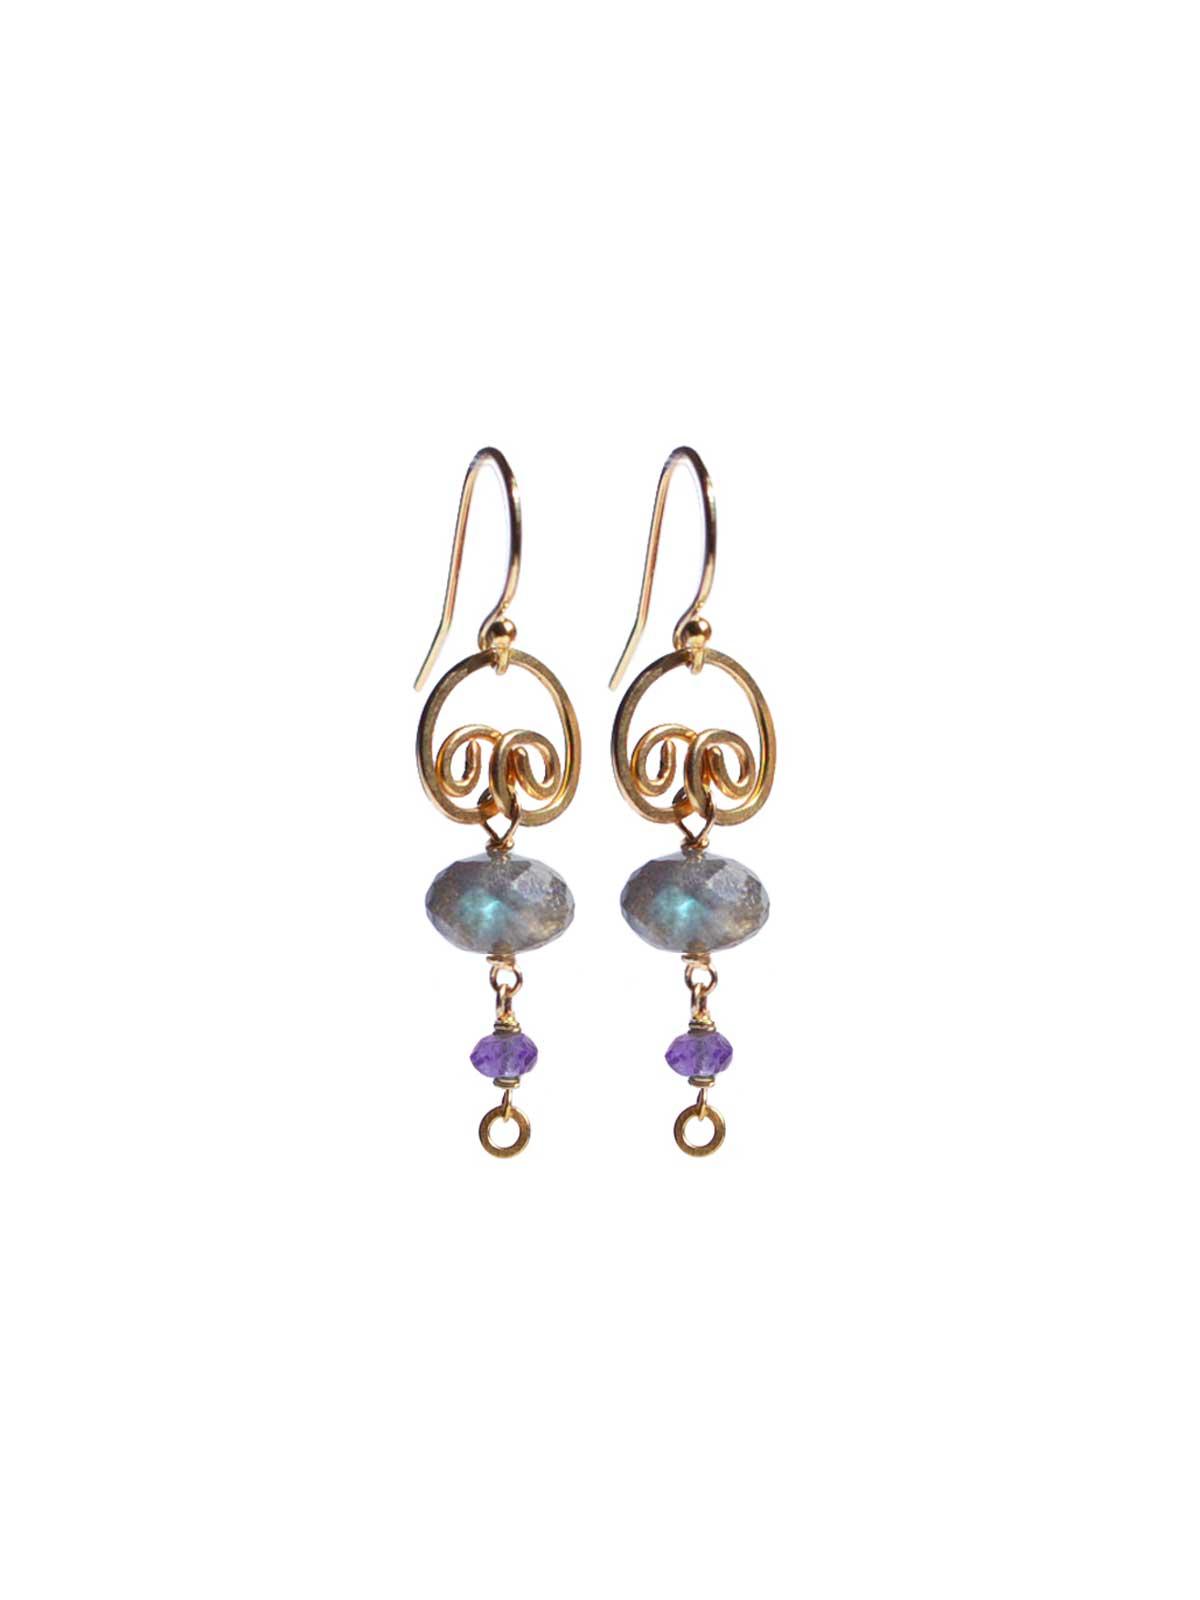 Labradorite Amethyst earrings 14K Gold-filled